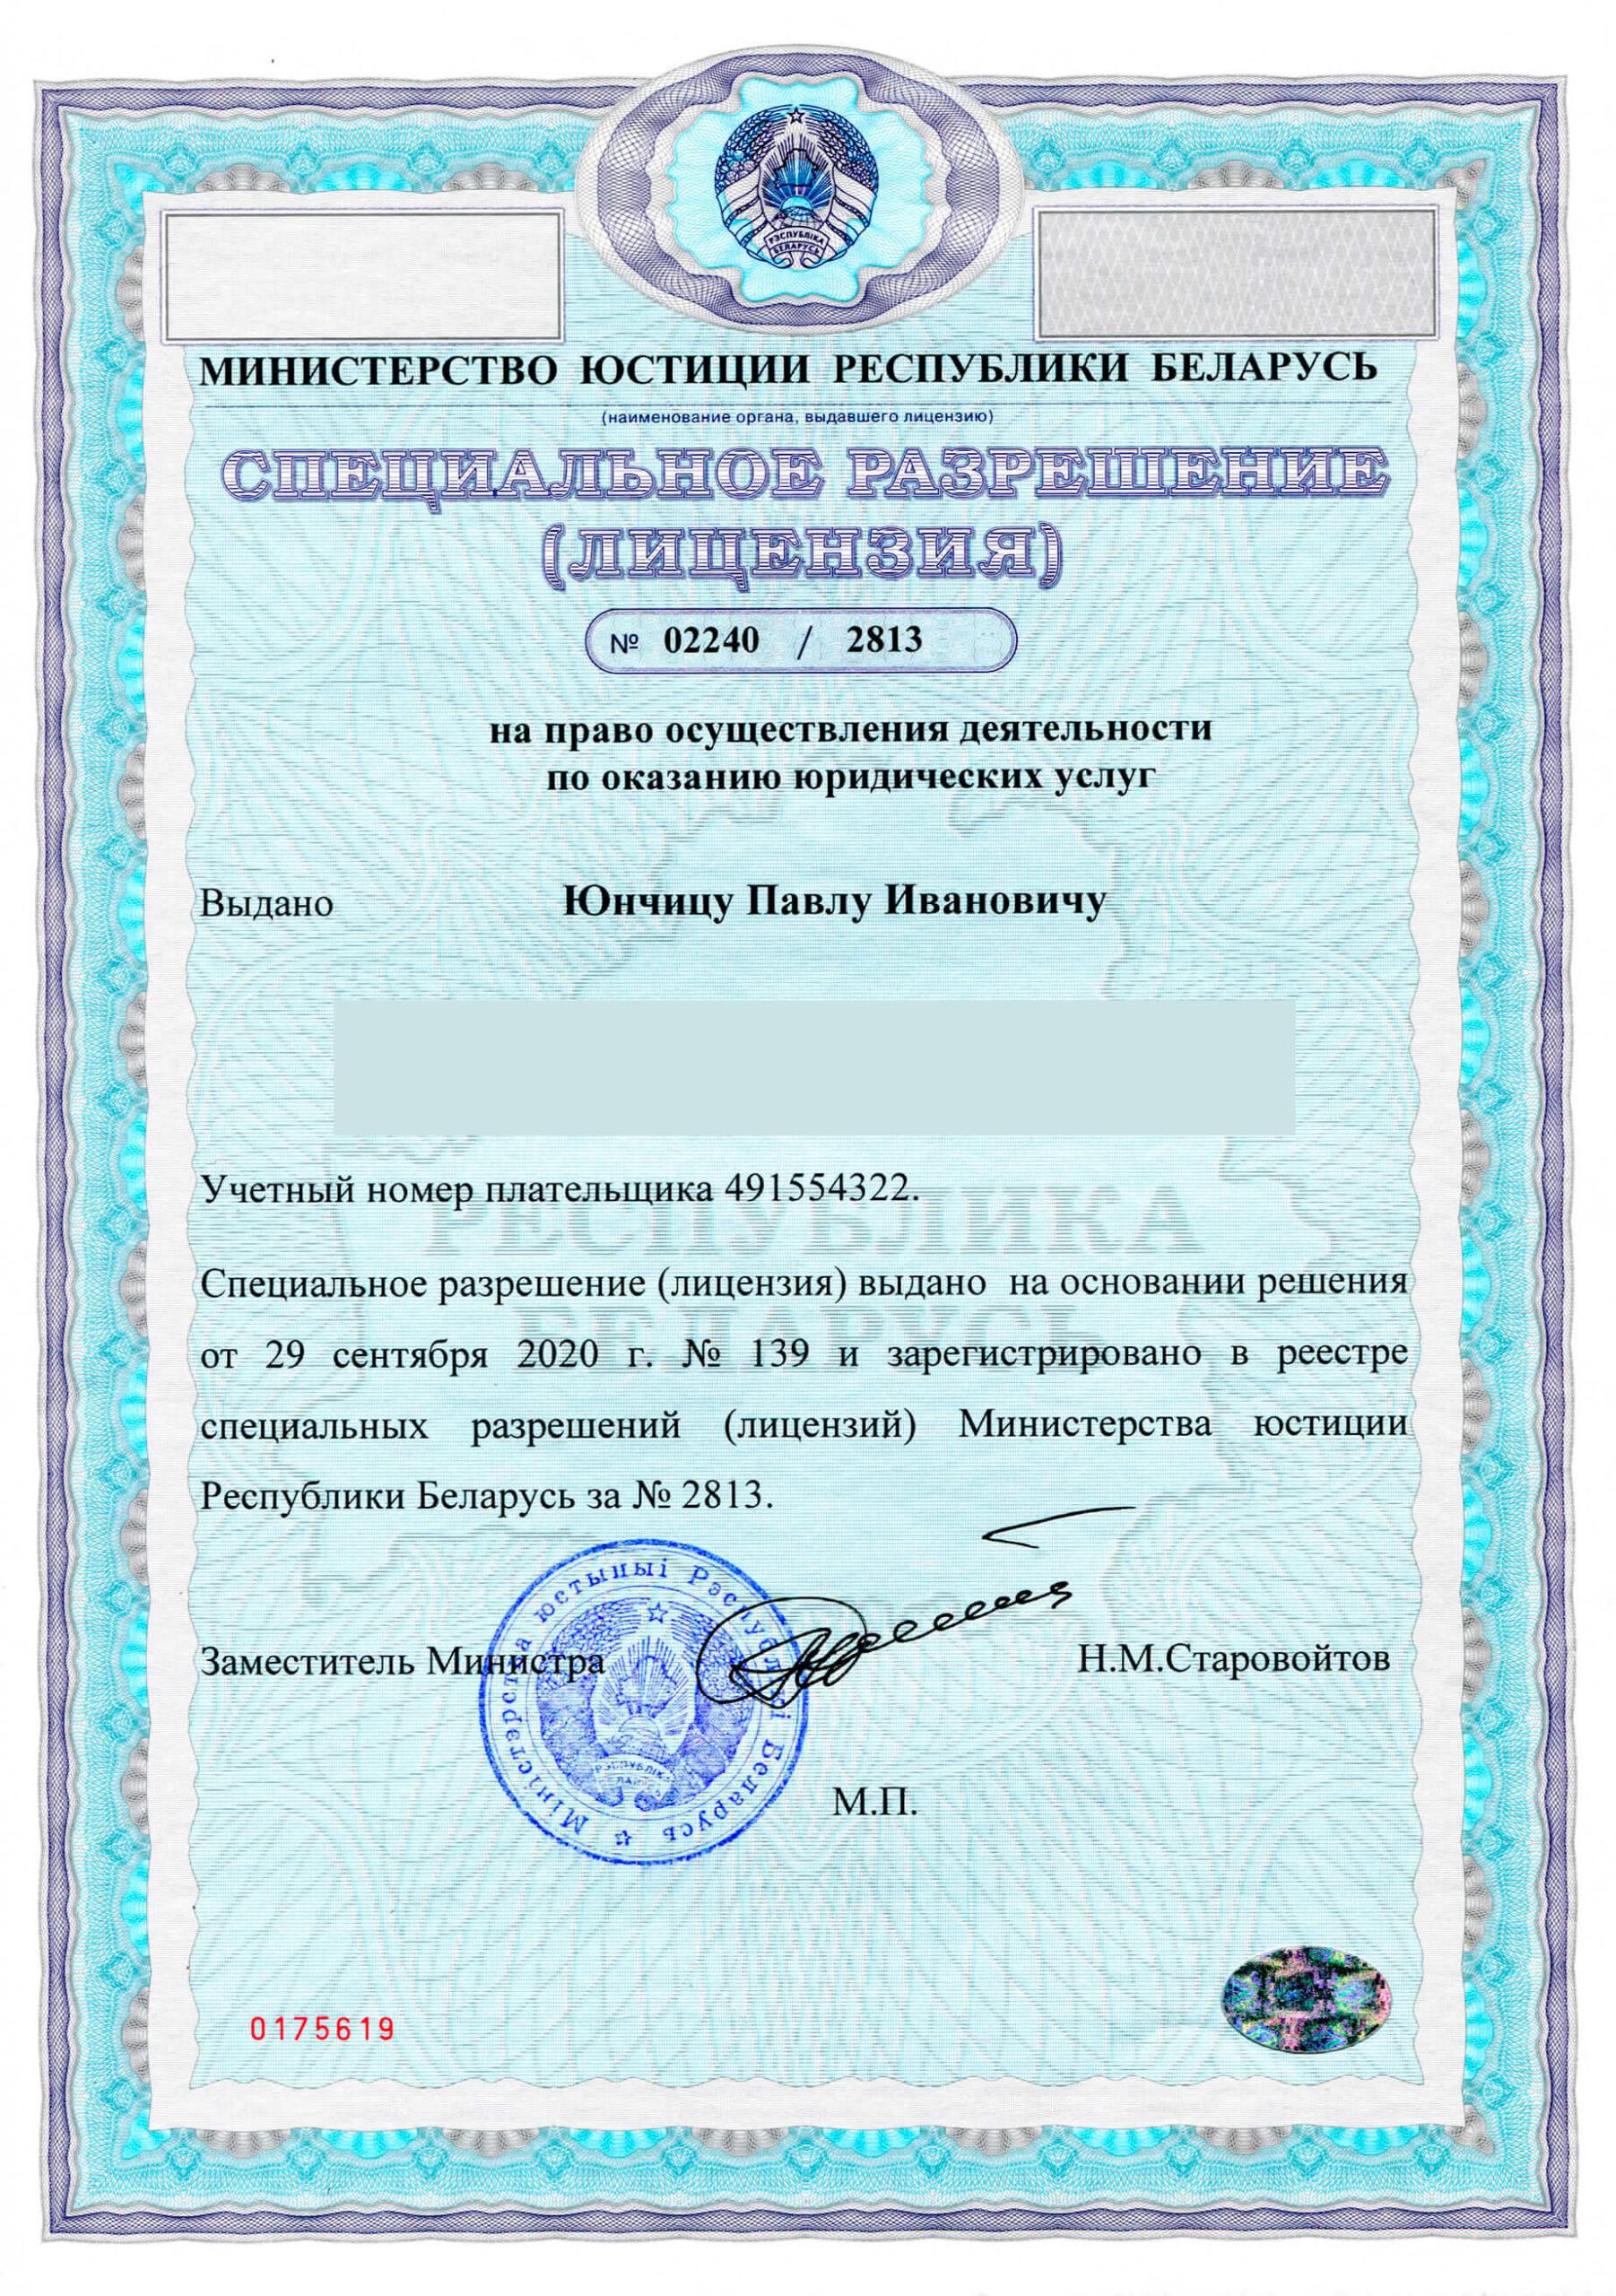 Лицензия на осуществление юридиче6ской деятельности